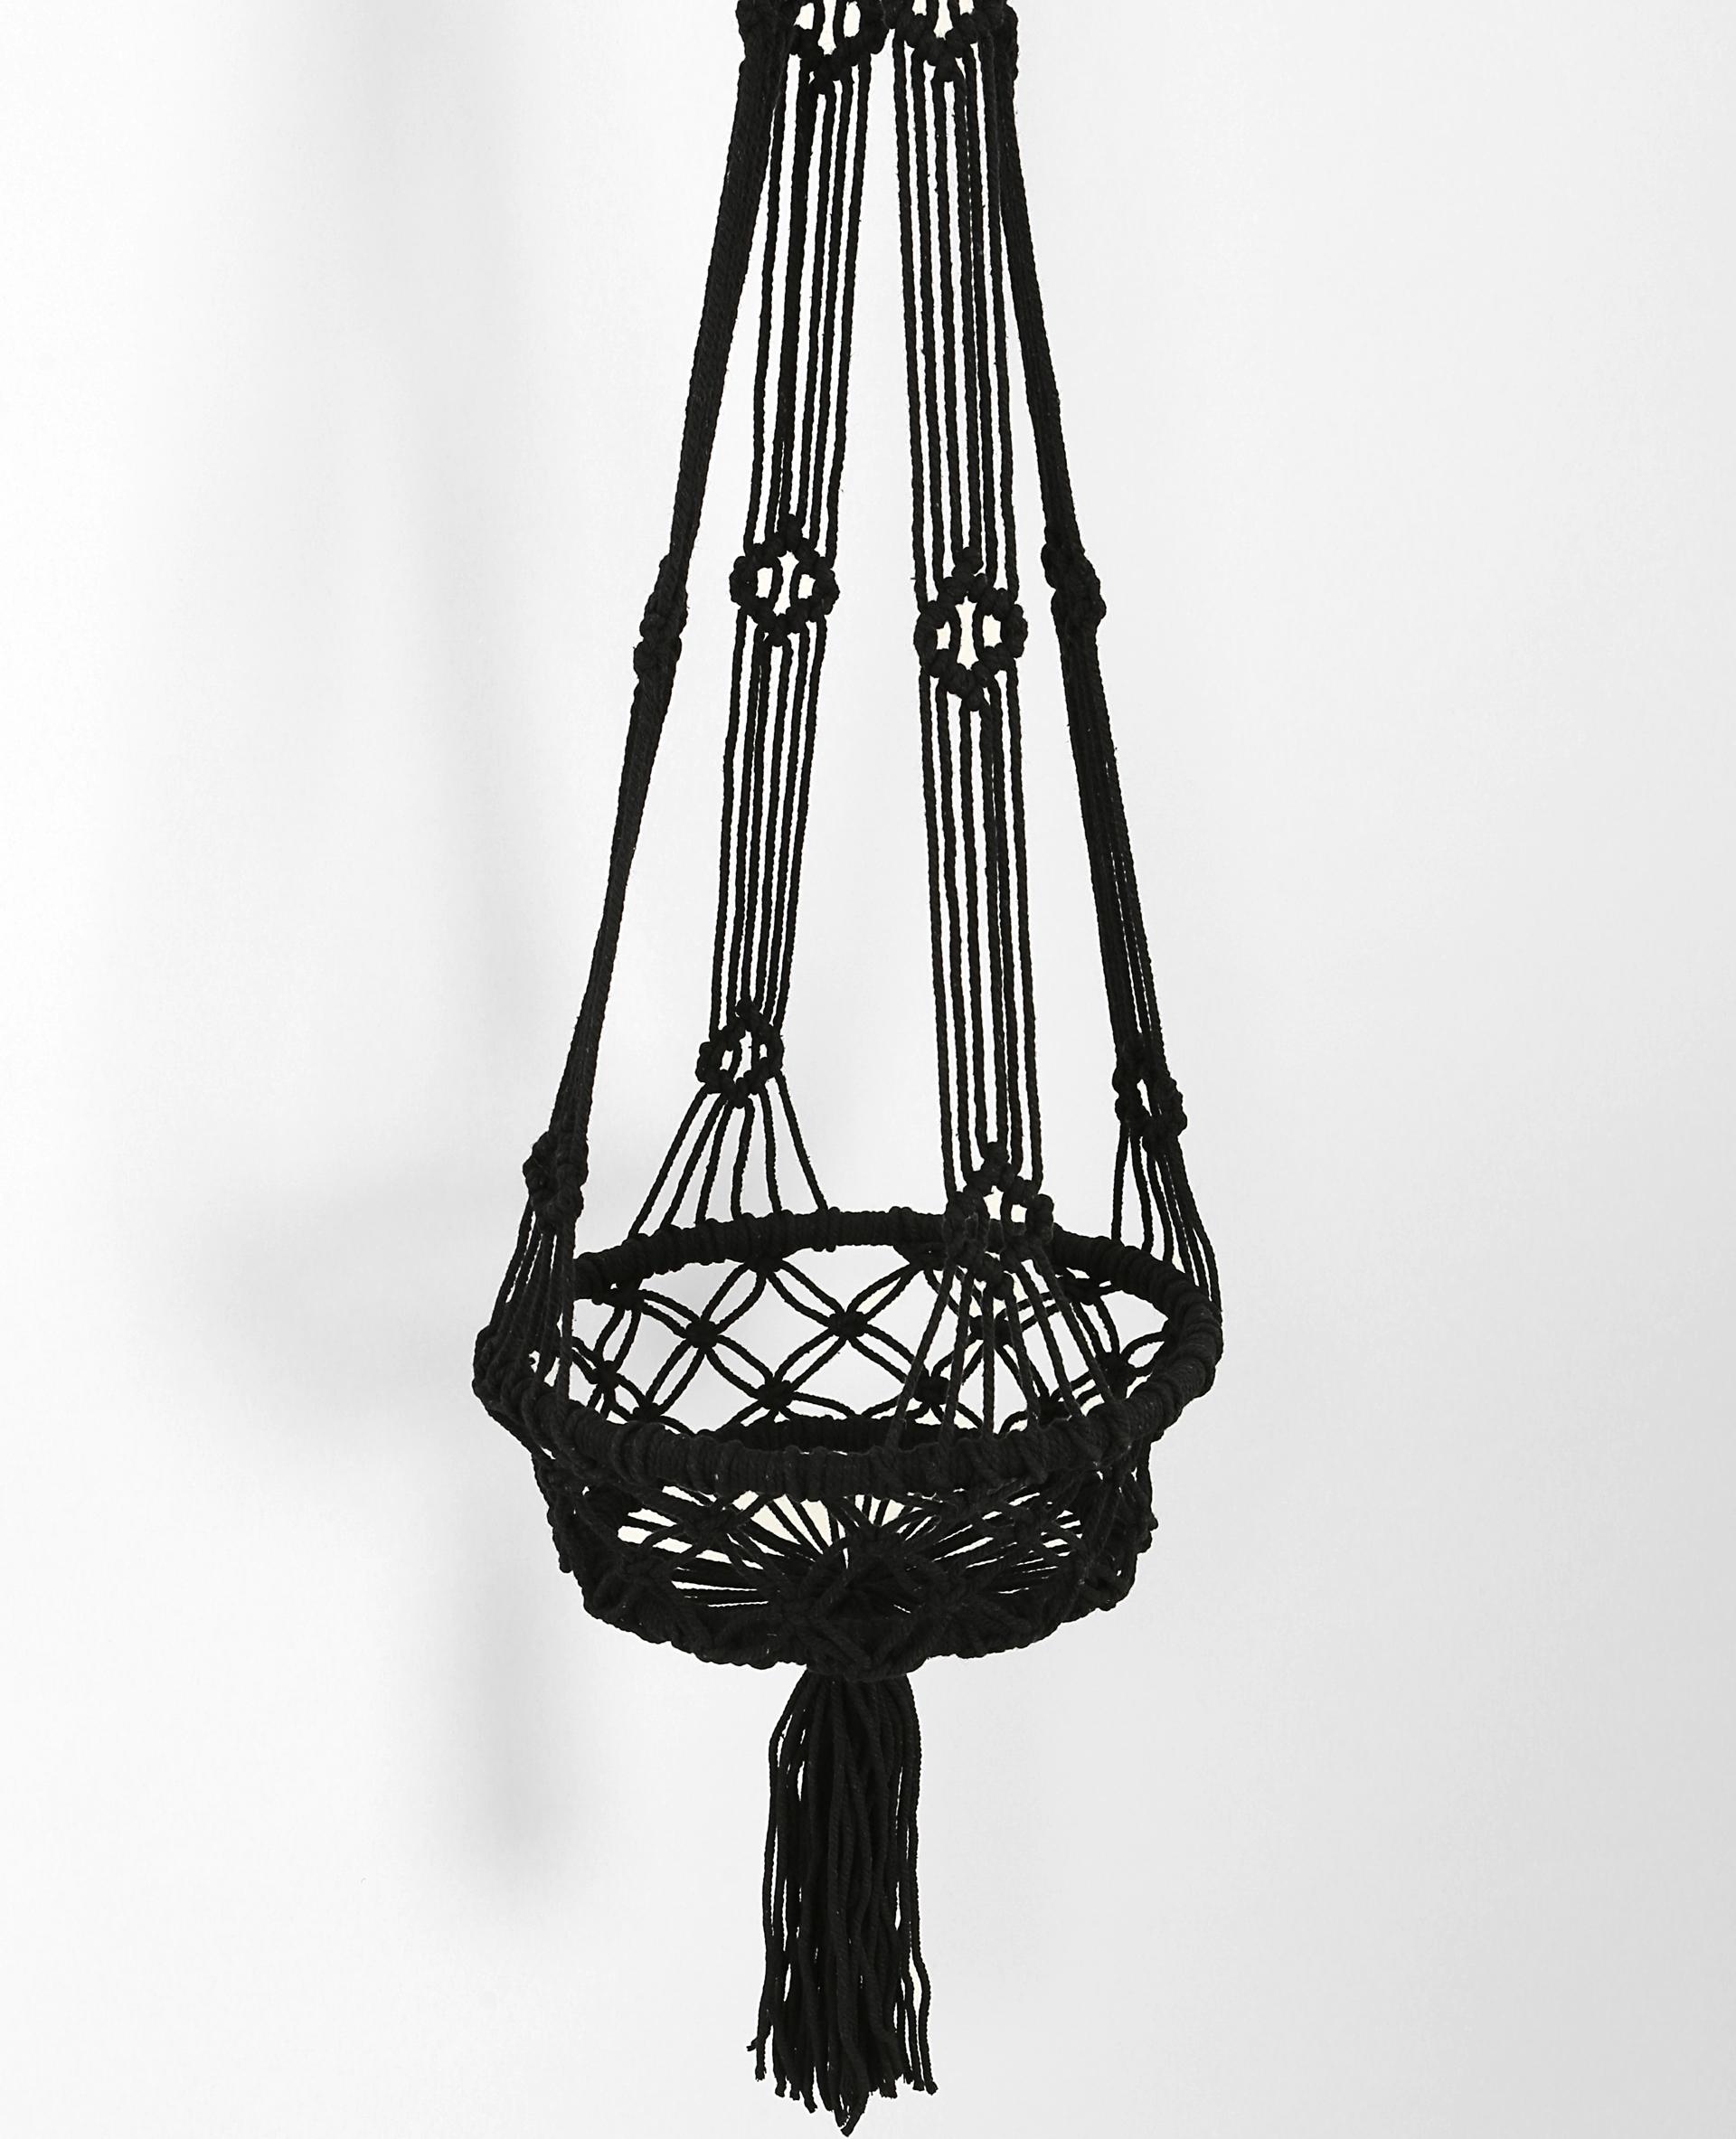 suspension macram noir 902288899a07 pimkie. Black Bedroom Furniture Sets. Home Design Ideas